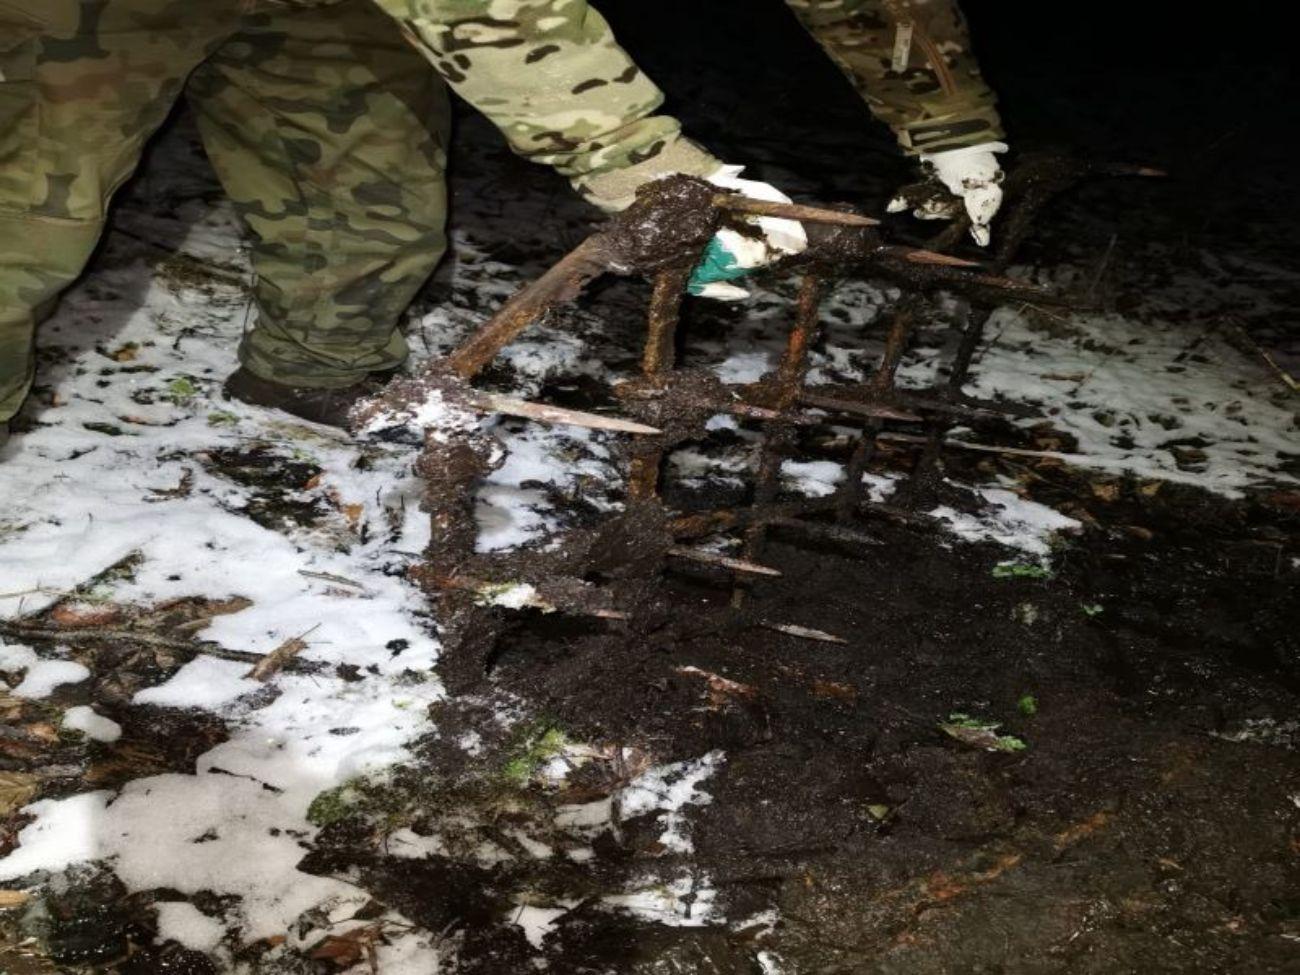 Ktoś dalej zastawia pułapki w lasach? Zabójcze kolce to próba samosądu! [FOTO] - Zdjęcie główne